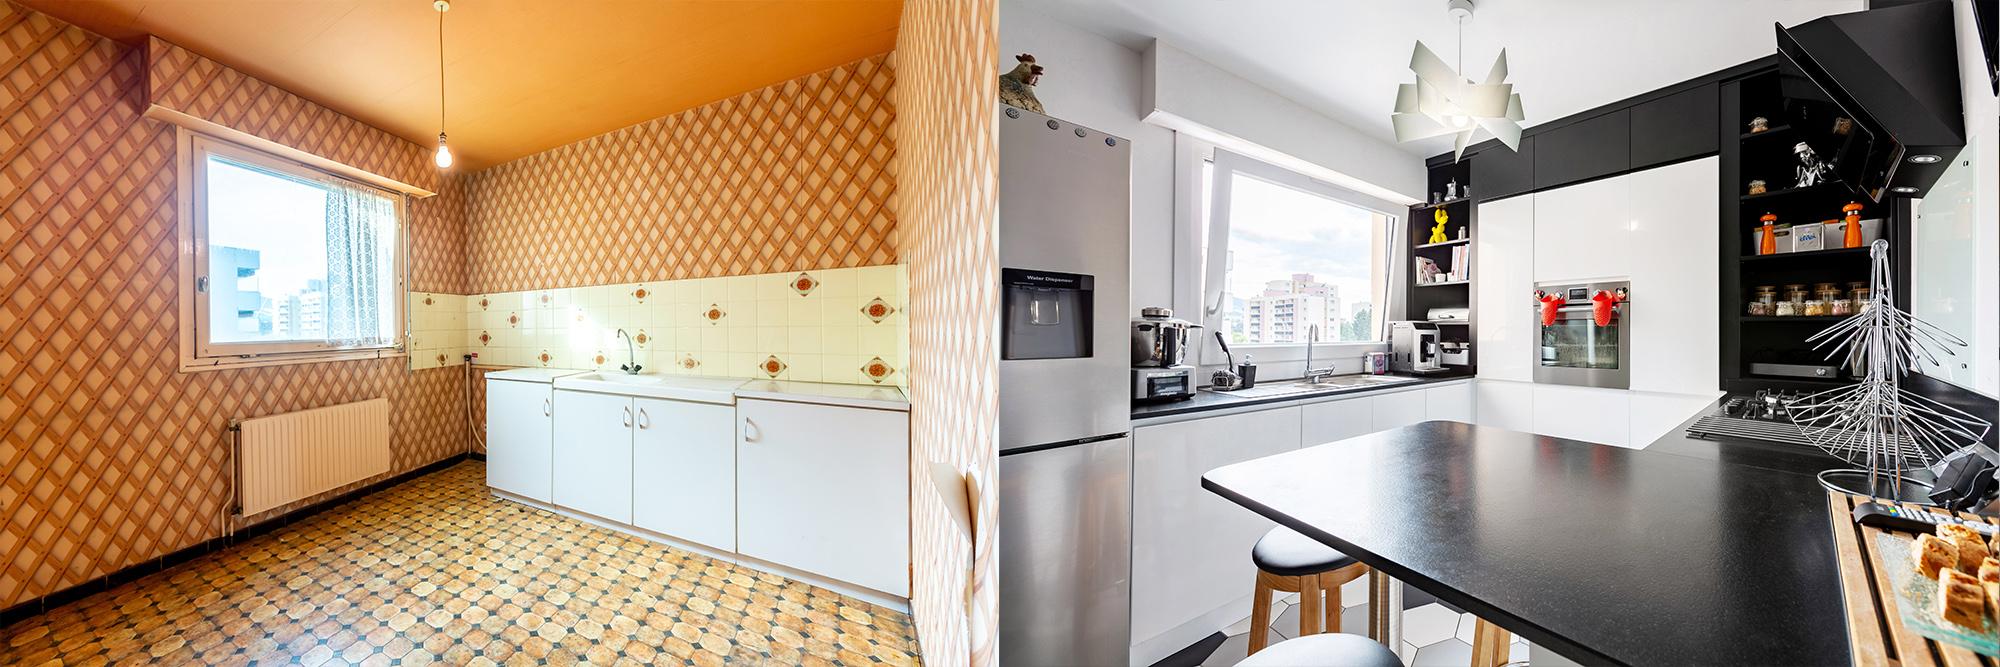 appartement-travaux-avant-apres-cuisine